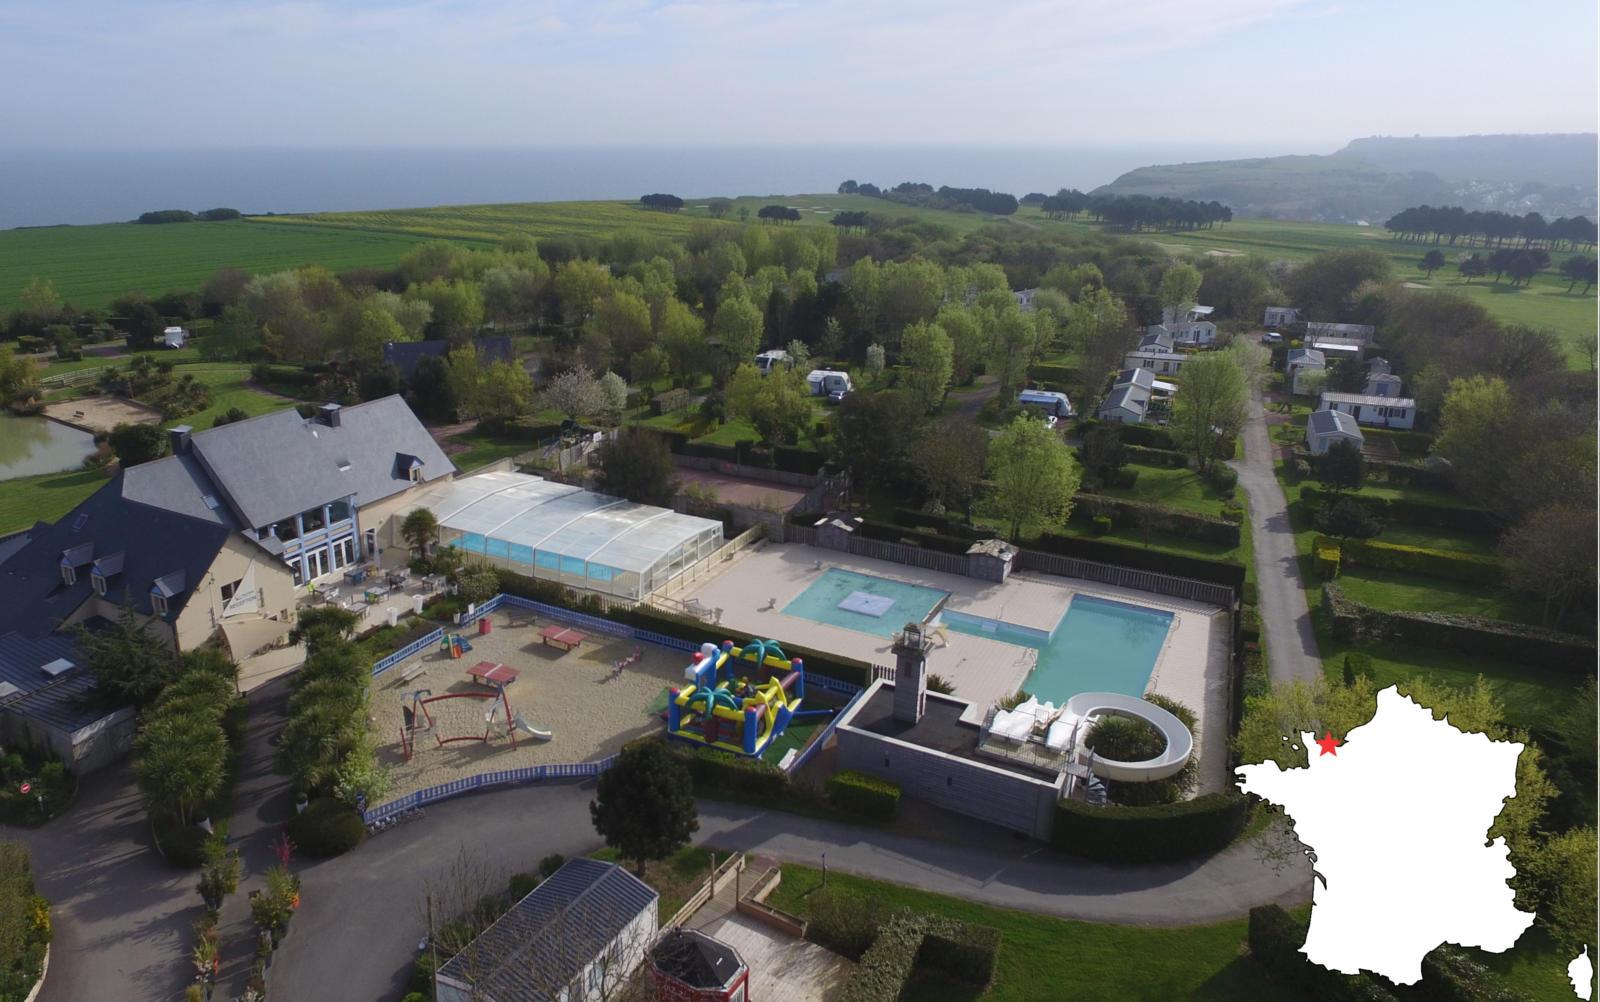 piscine vue du ciel camping port'land